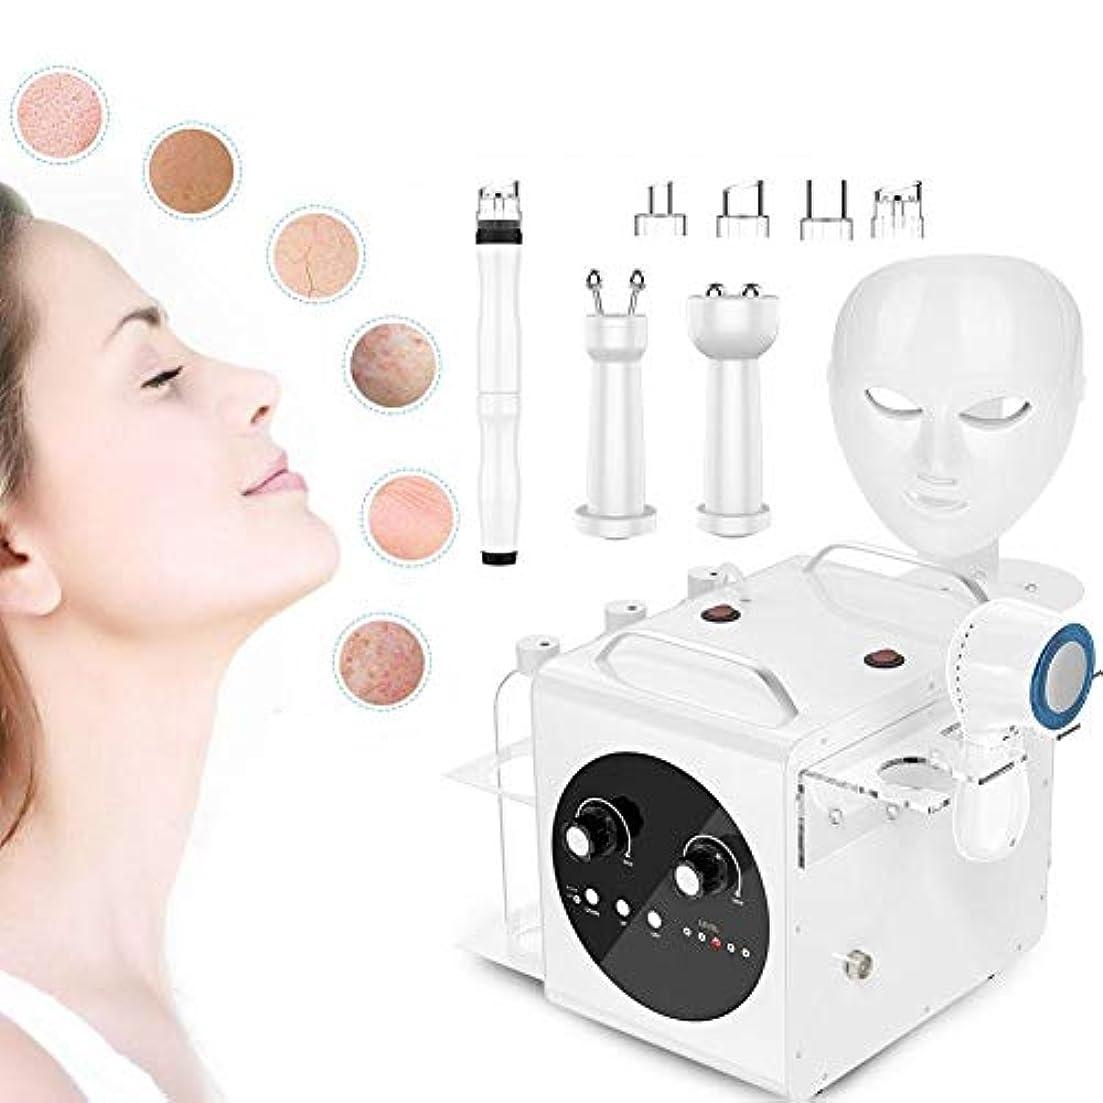 有毒な主張する沈黙ハイドロ酸素マシン、6 in 1アップグレードされた現在の皮膚剥離マシンビューティーマシン(US)